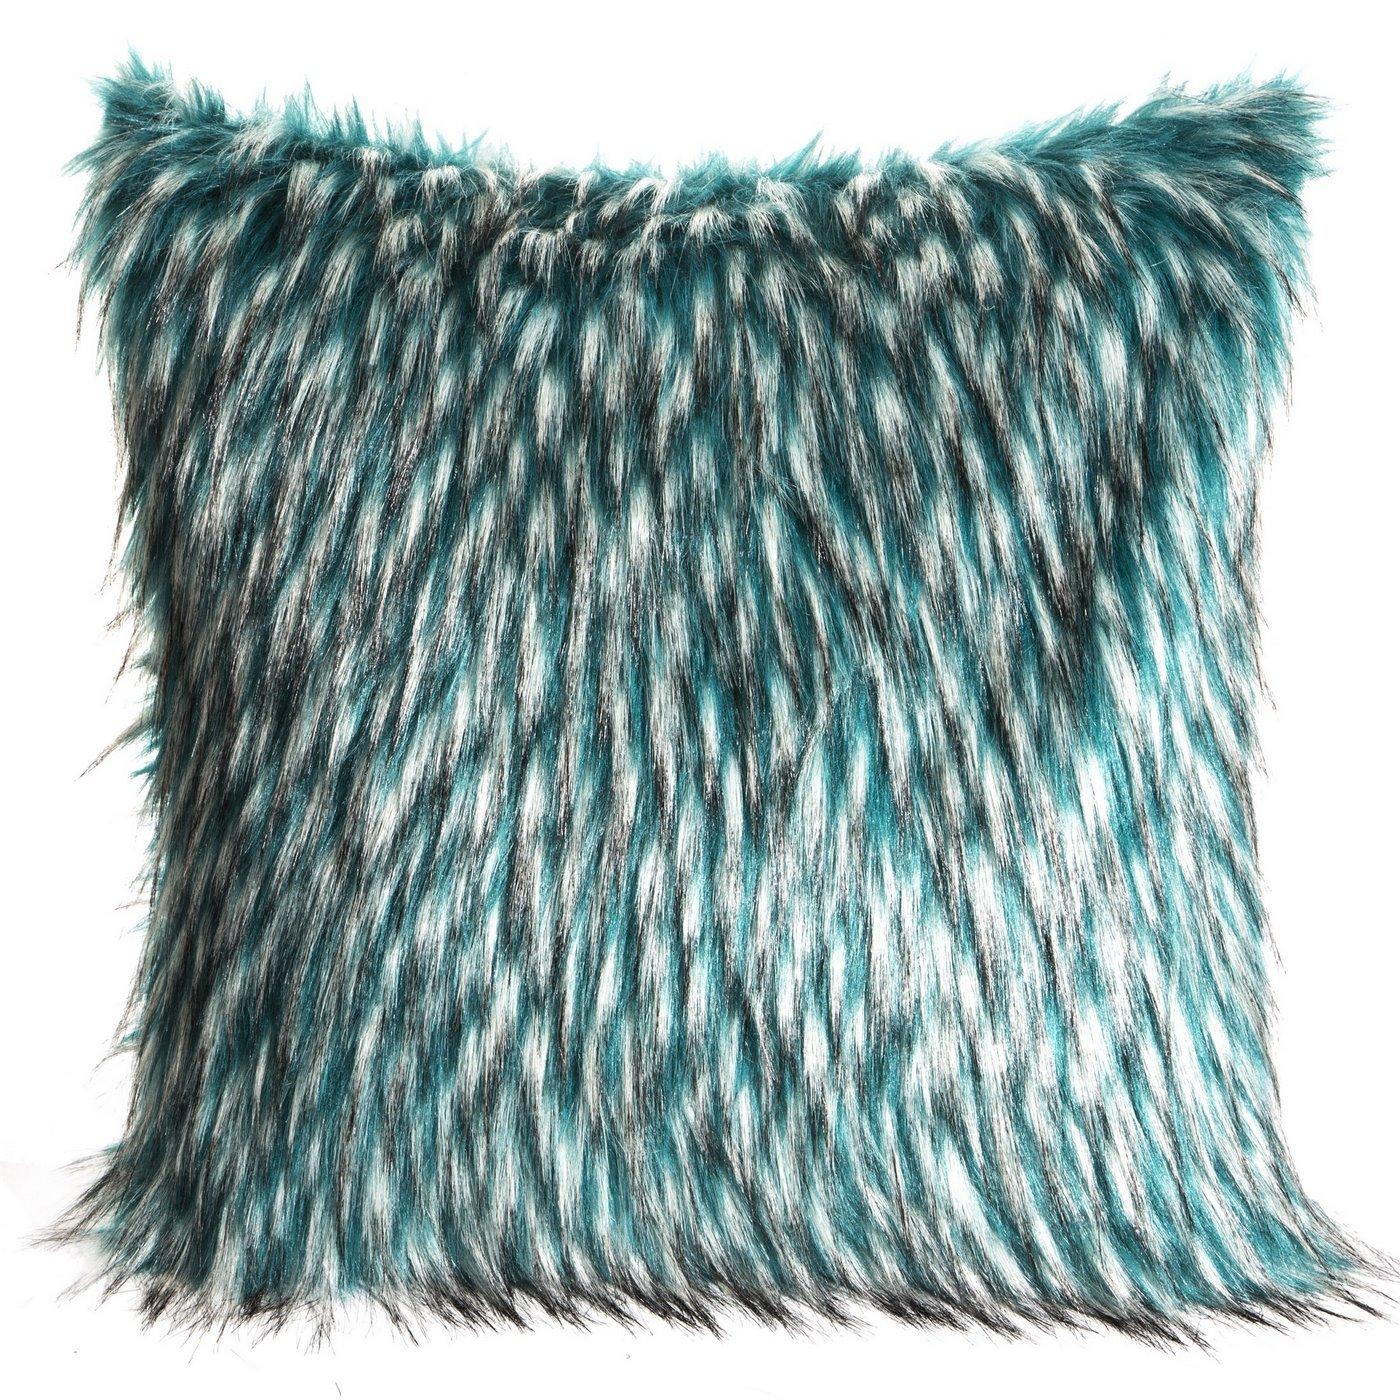 Poszewka na poduszkę 45 x 45 cm włochate futerko dwukolorowe turkusowo białe